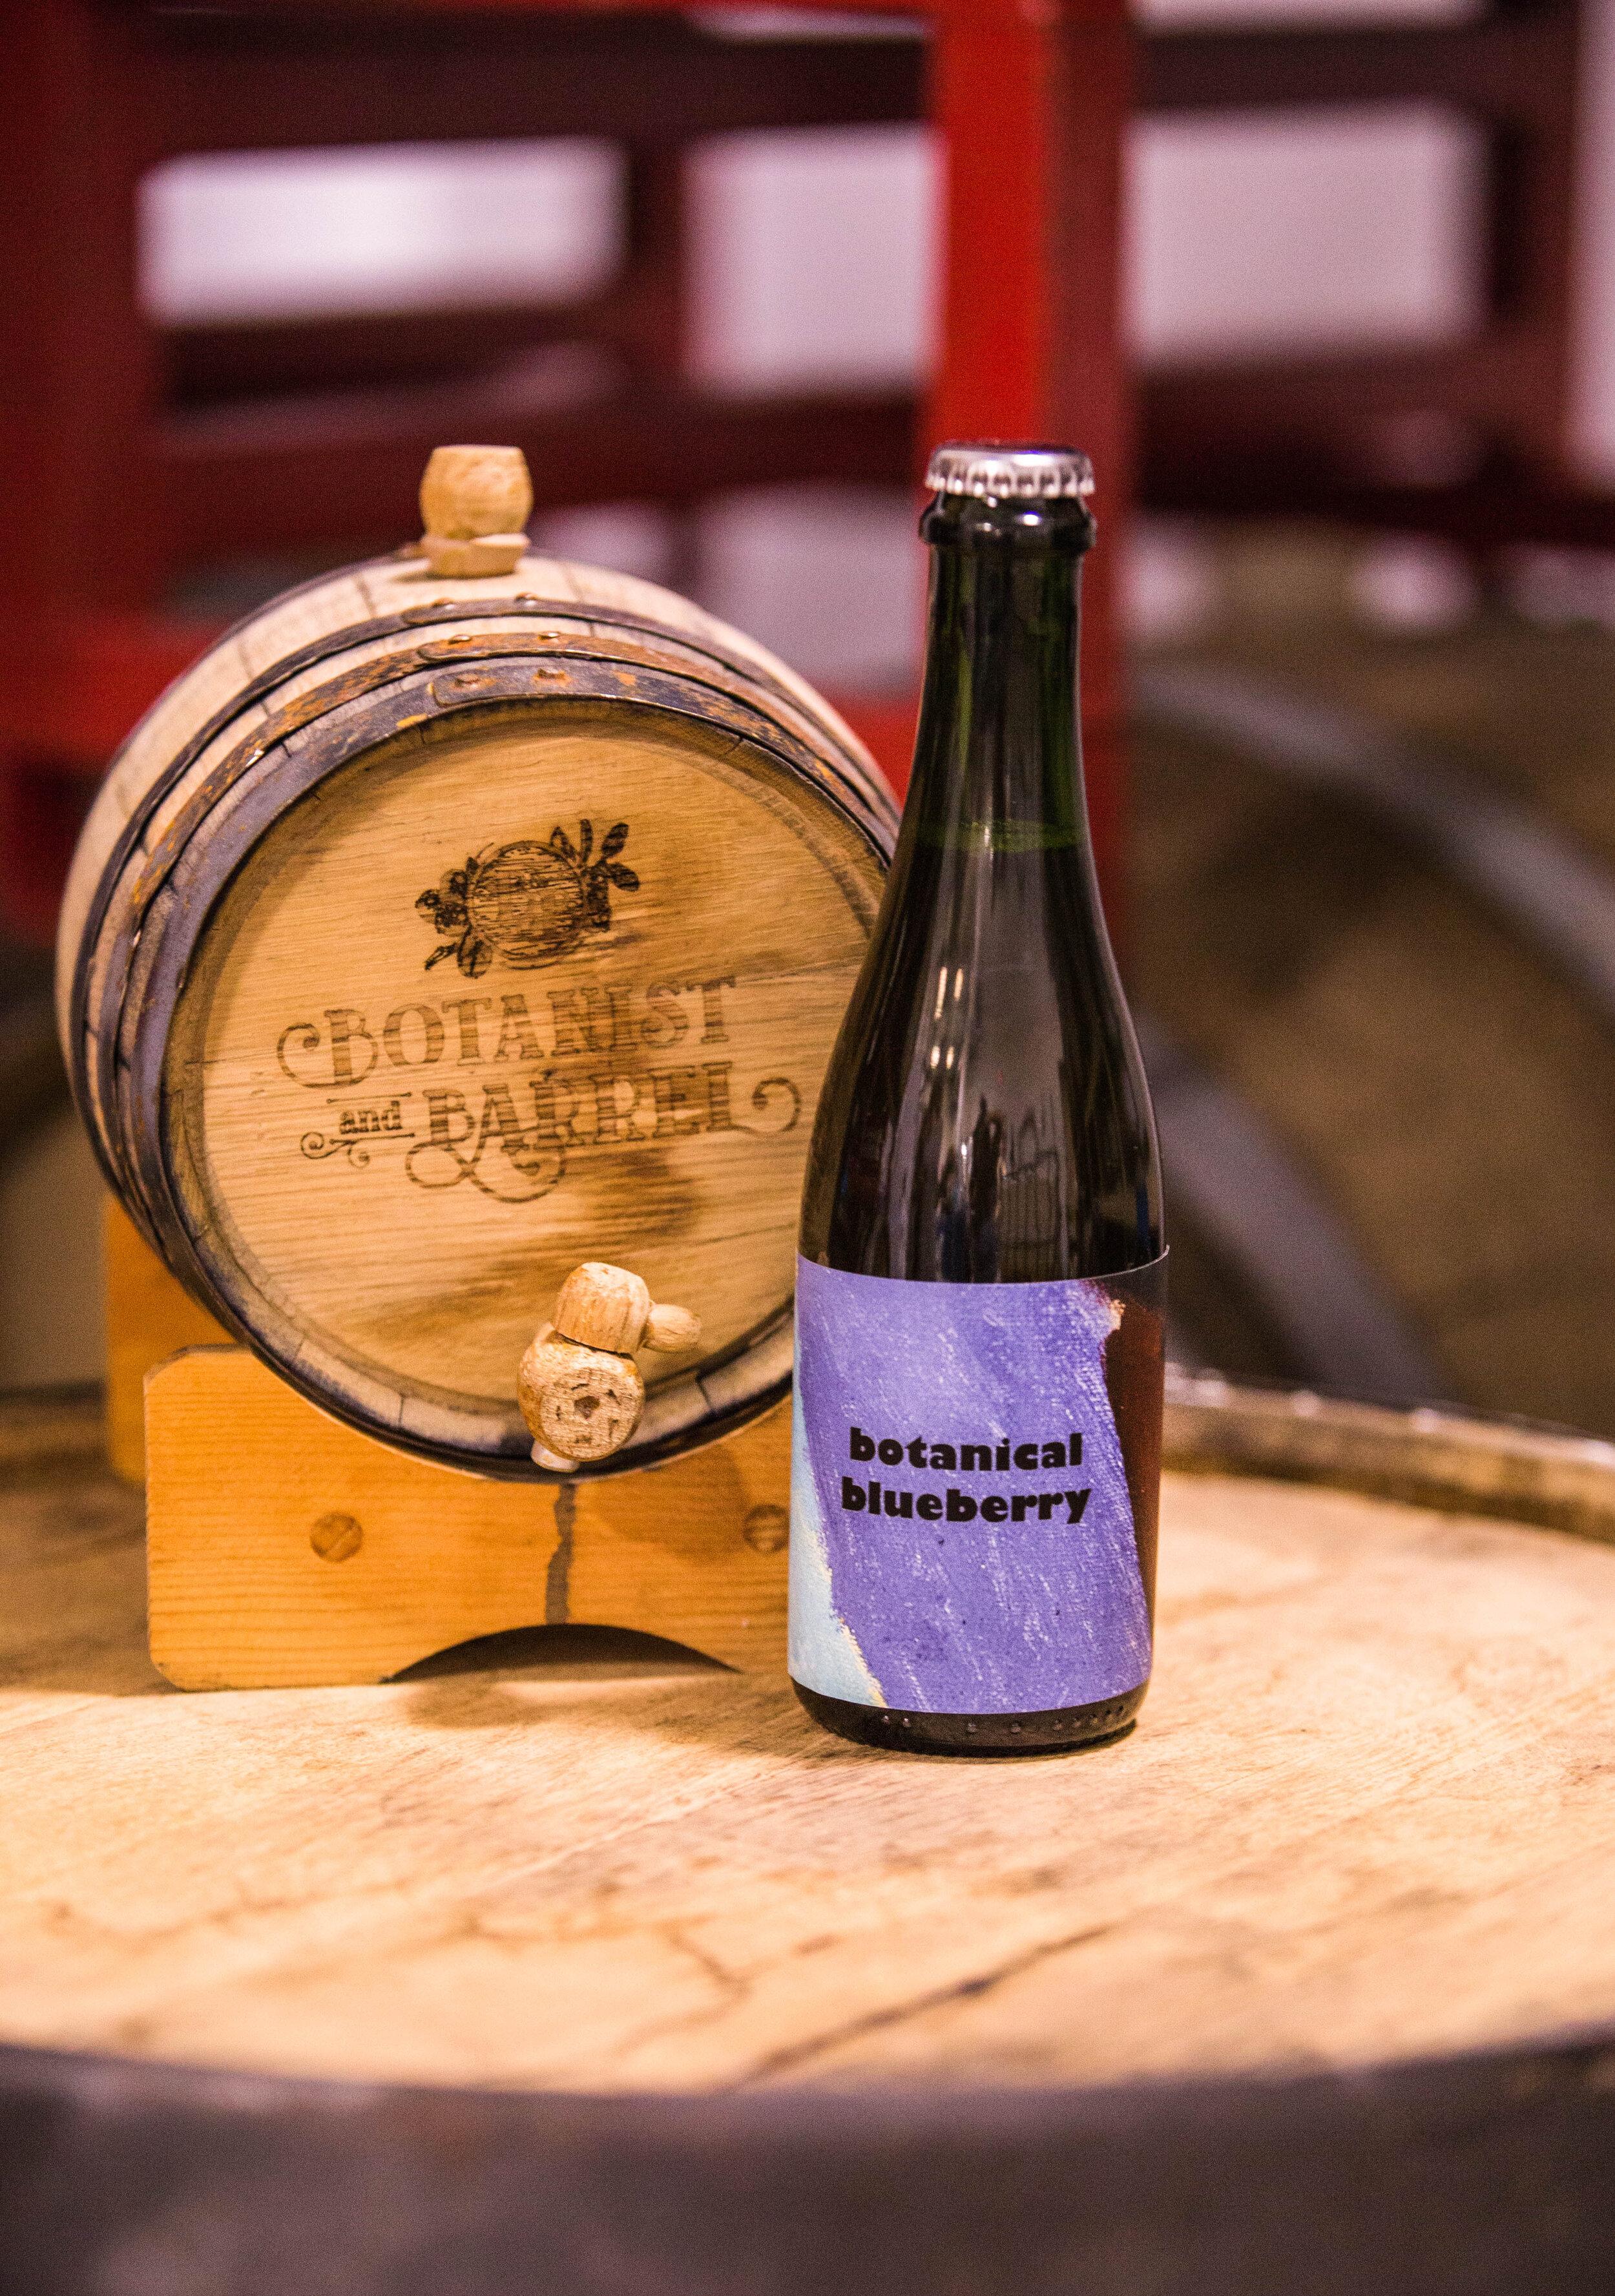 Botanical Blueberry - Estate blueberry cider aged in gin barrels